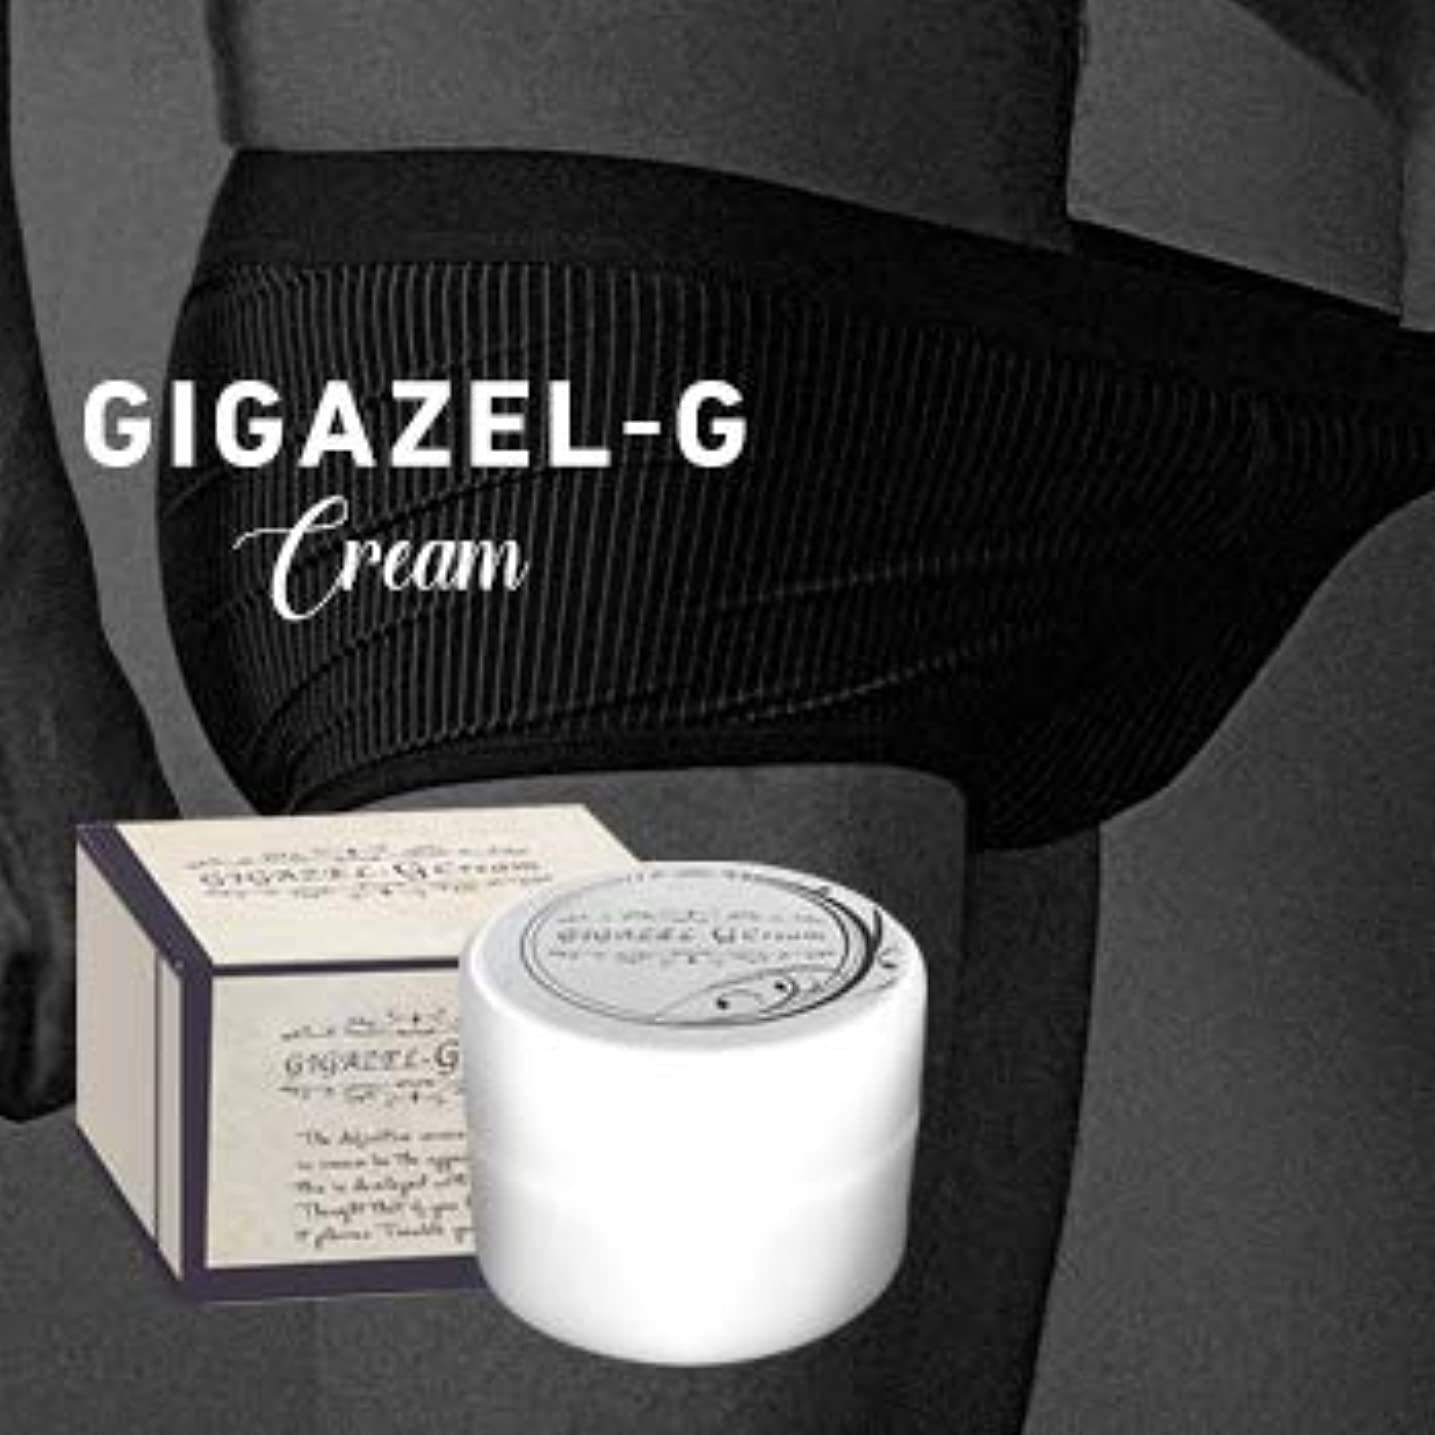 結果偽造息子GIGAZEL-G-Cream(ギガゼルGクリーム)~男性用ボディクリーム~